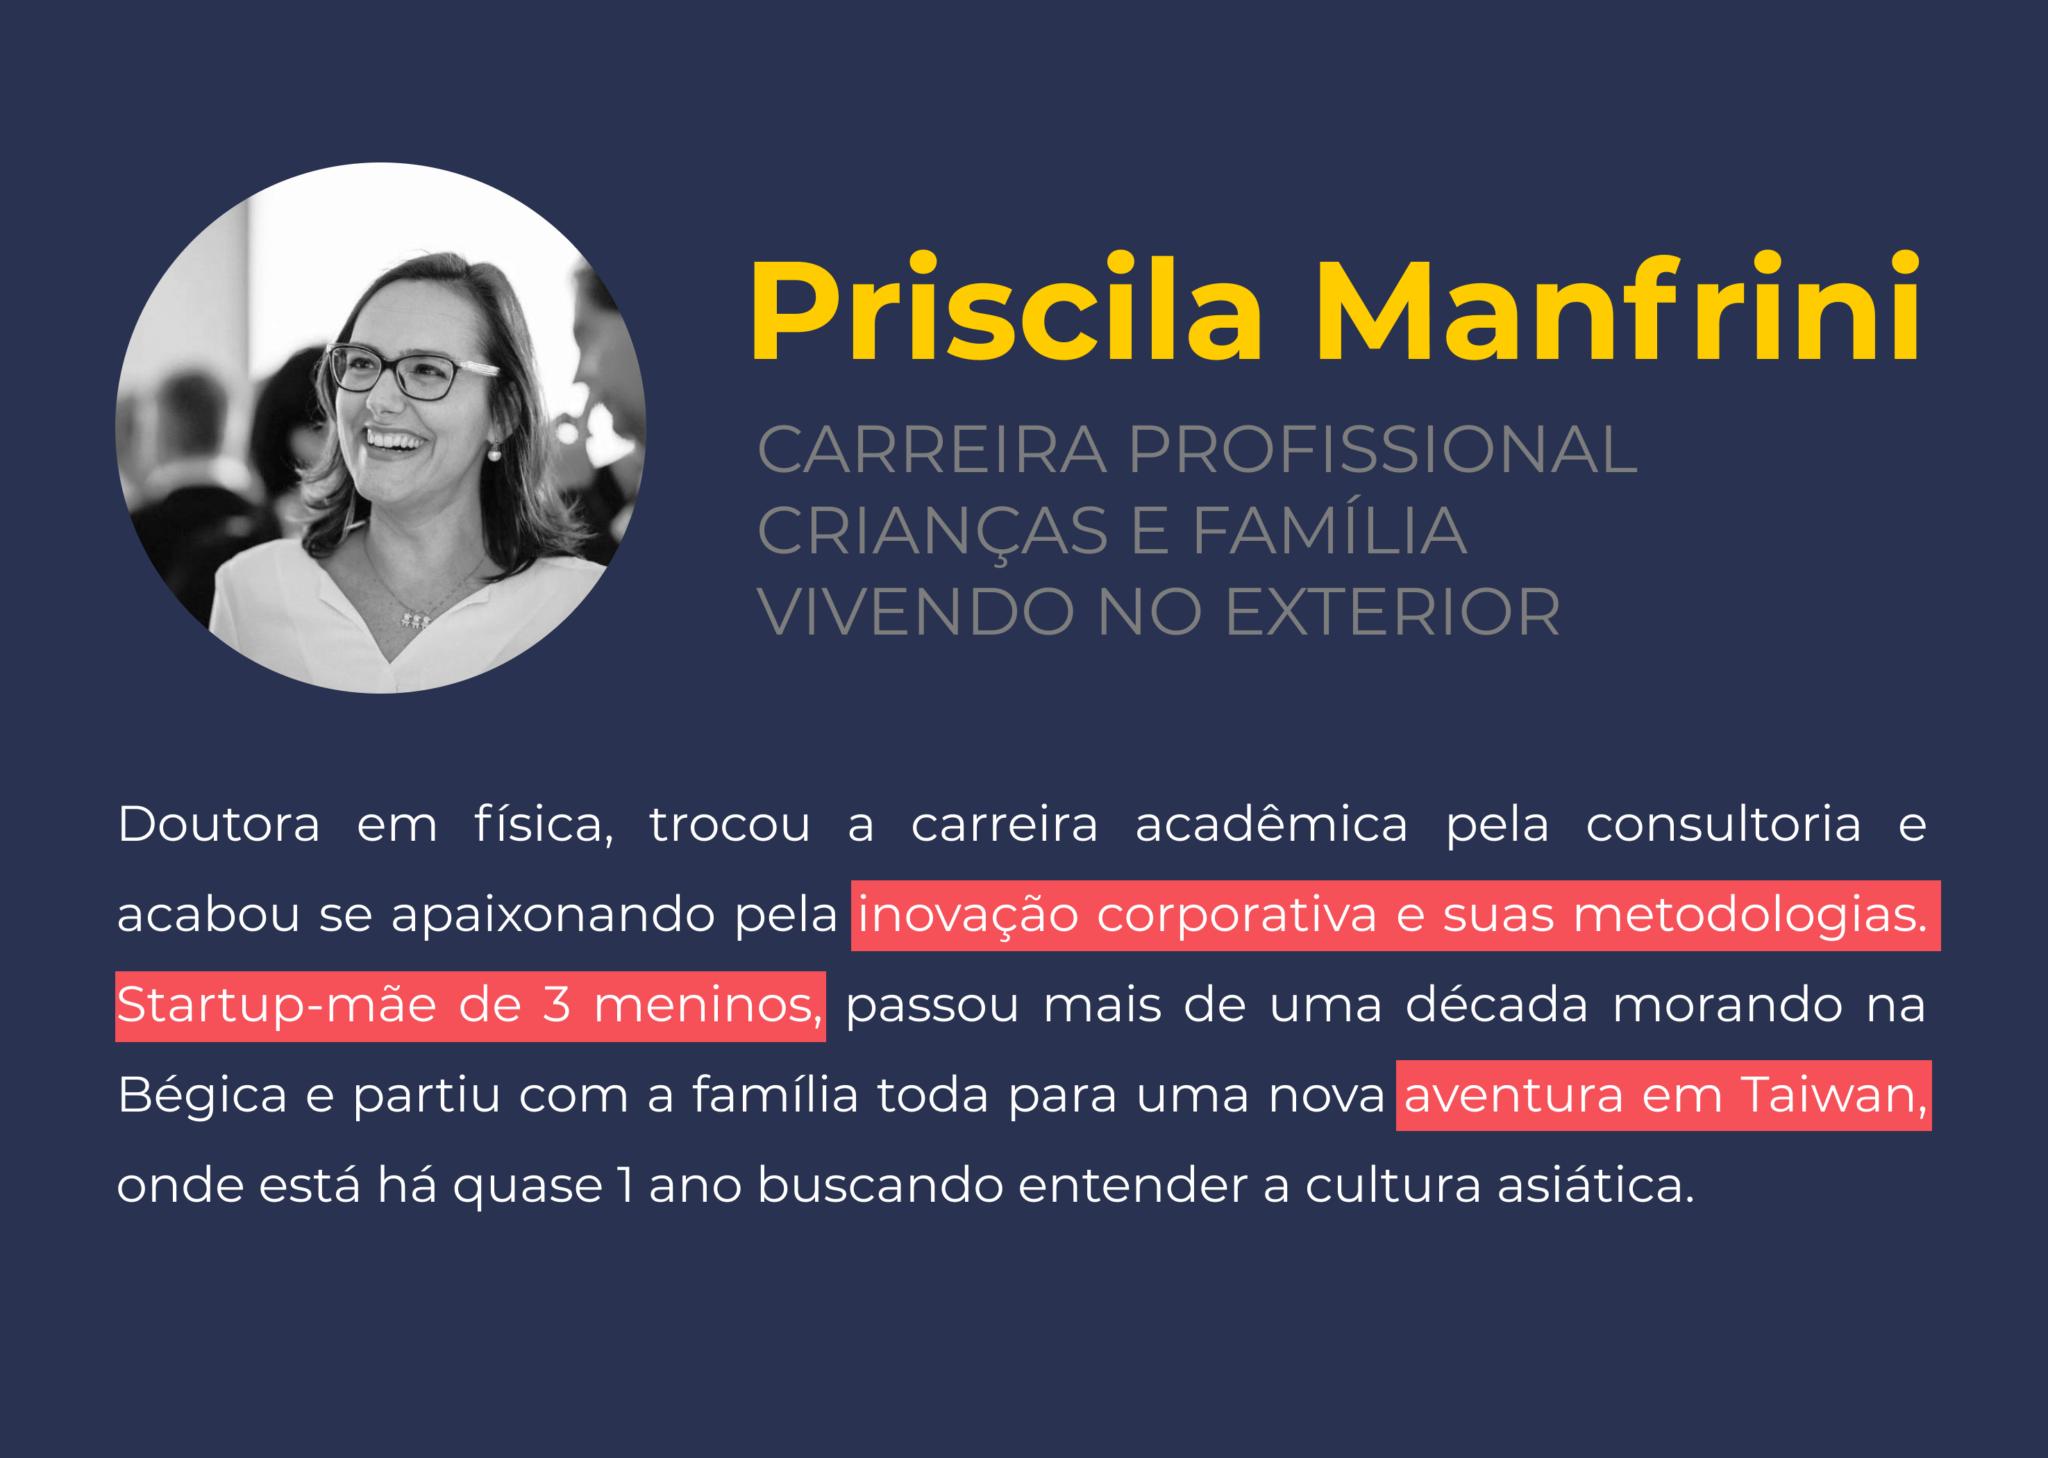 Priscila Manfrini